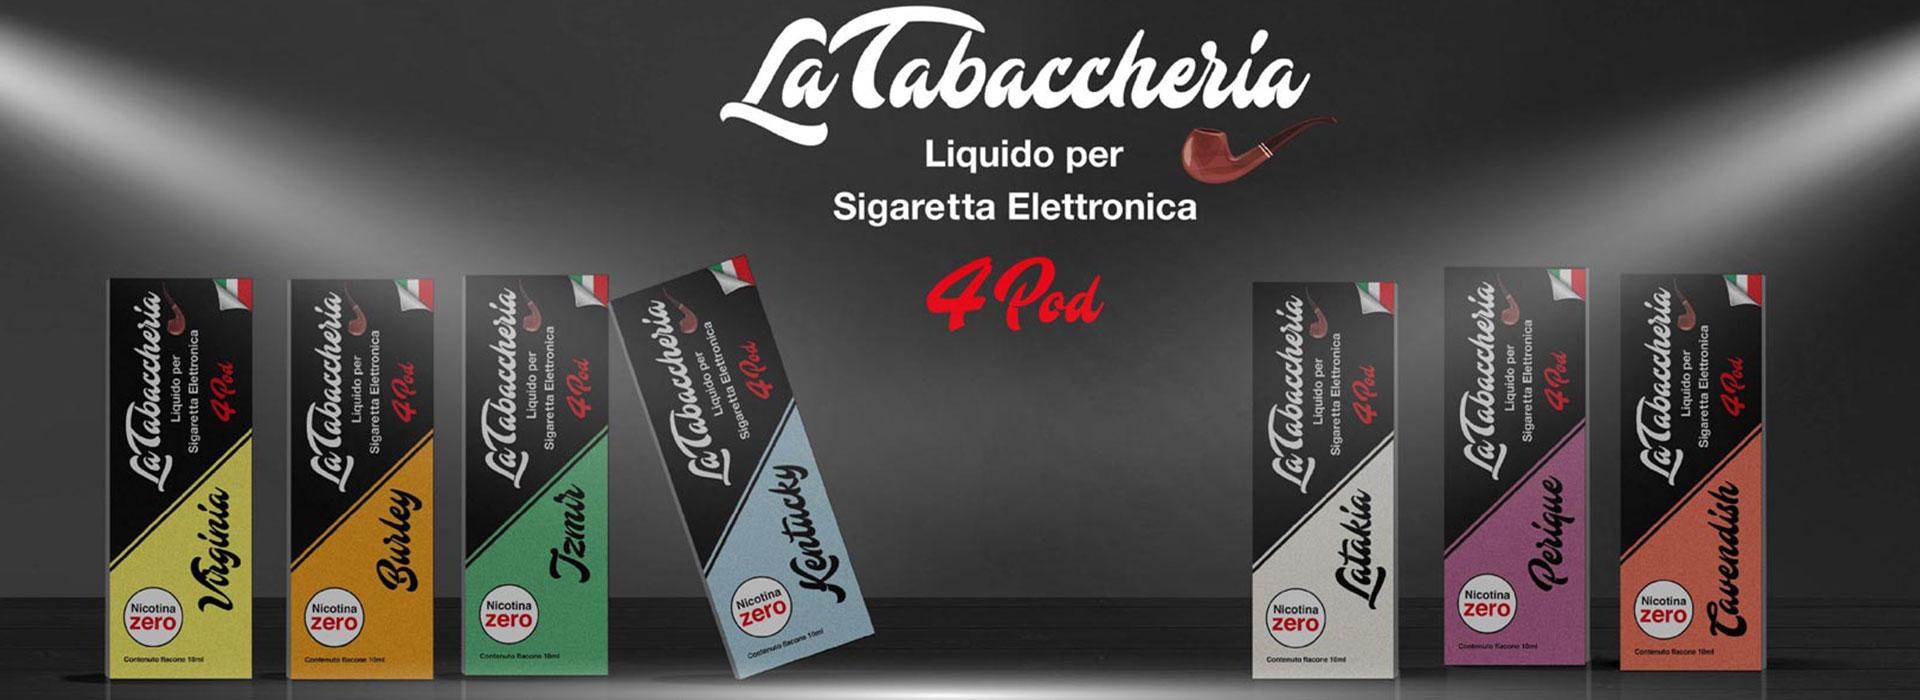 Liquidi Pronti BLACK LINE 4 Pod La Tabaccheria liquidi pronti Liquidi Pronti BLACK LINE 4 Pod La Tabaccheria la tabaccheria blackline